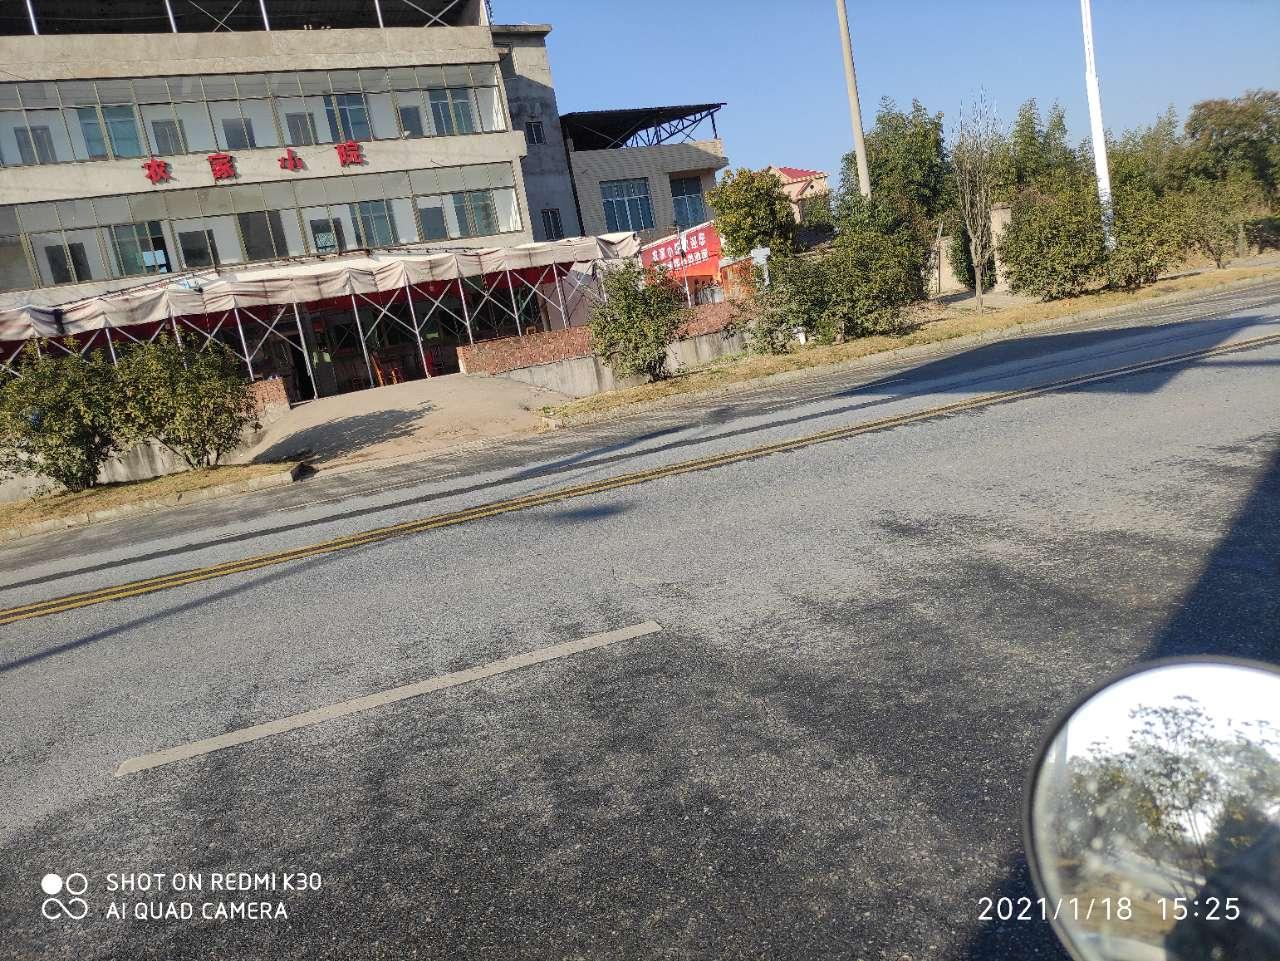 新县政府这边,路边的辅道被占用了,希望有关部门能出来调查解决下。